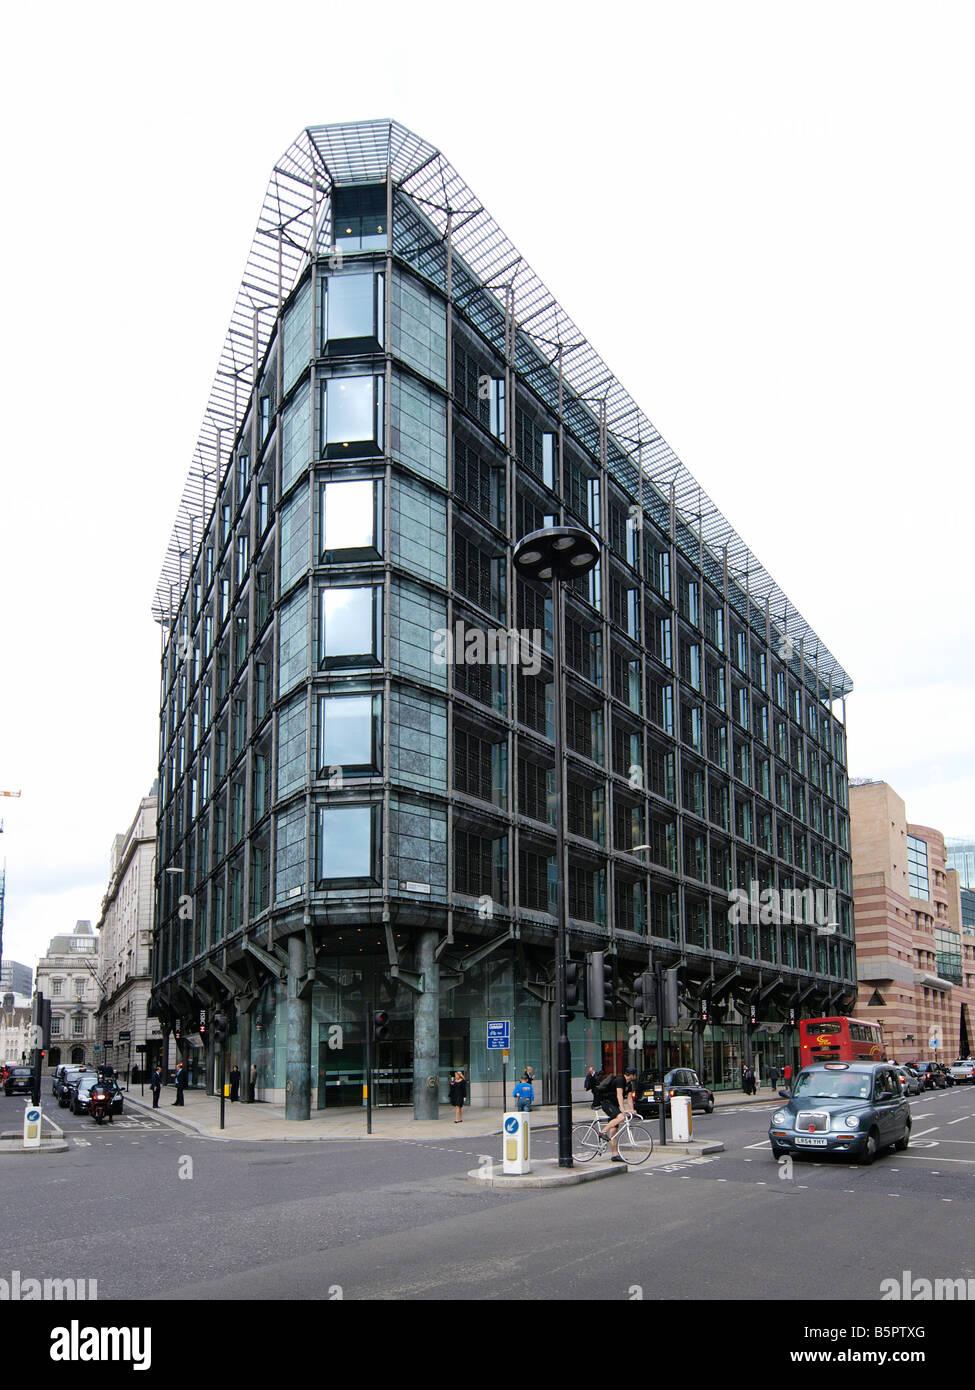 HSBC bank building Queen Victoria street London UK Stock